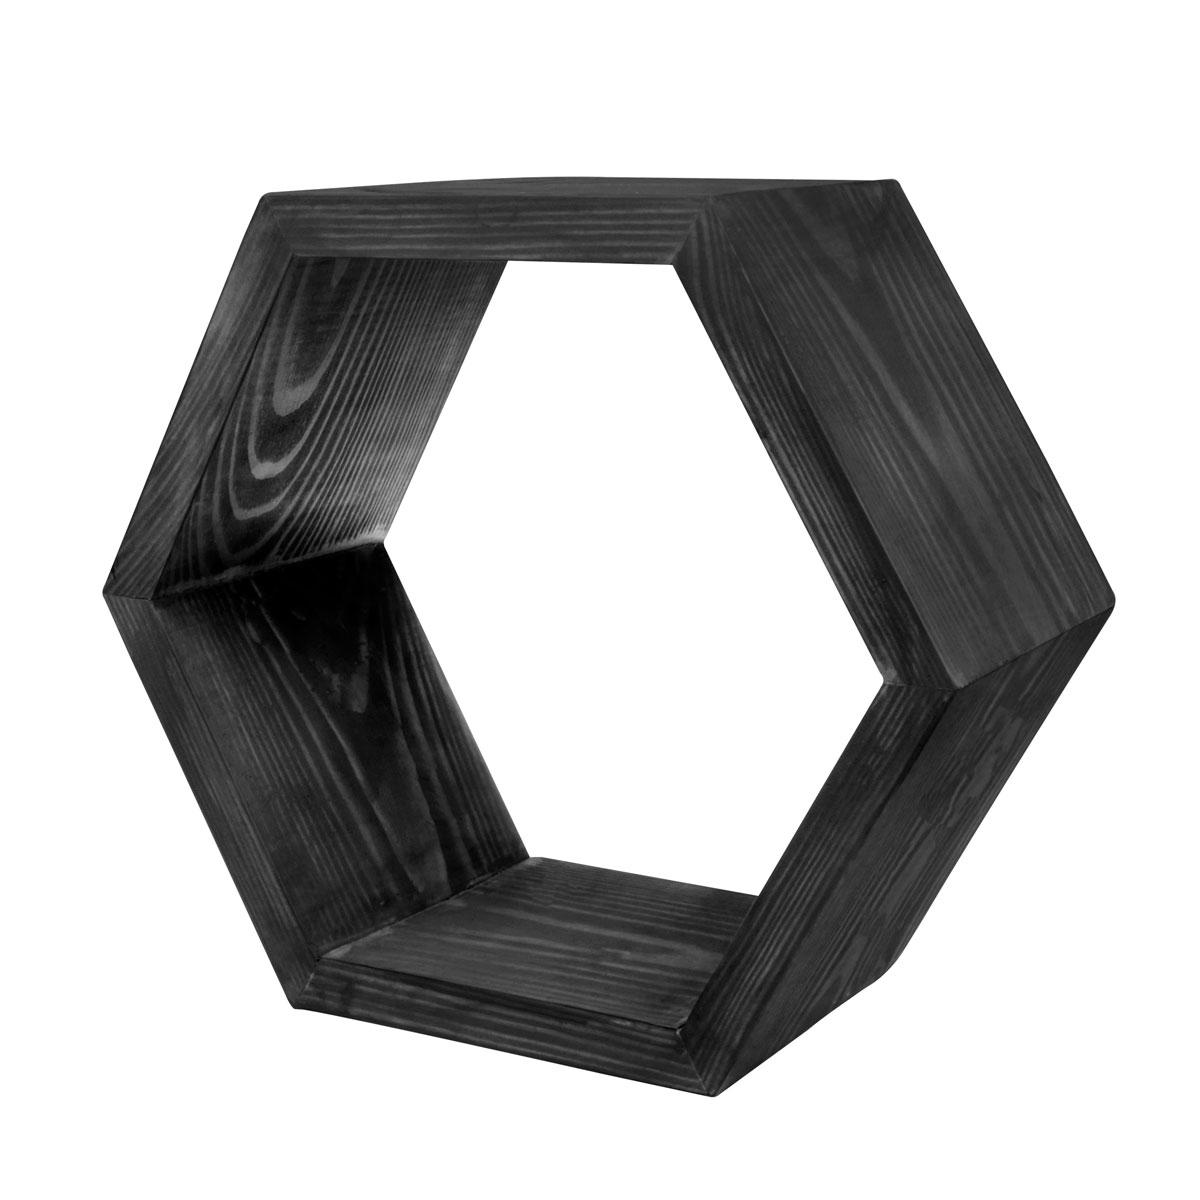 Декоративная полка EcoWoo 30 см, цвет: черныйDSH8NBОригинальные деревянные полки шестигранники. Отличное решение для декорирования комнаты. Несколько полок можно складывать в причудливые сочетания, ограниченные только вашей фантазией. Любой цвет и размер. Станьте креативными дизайнерами своего жилого пространства!